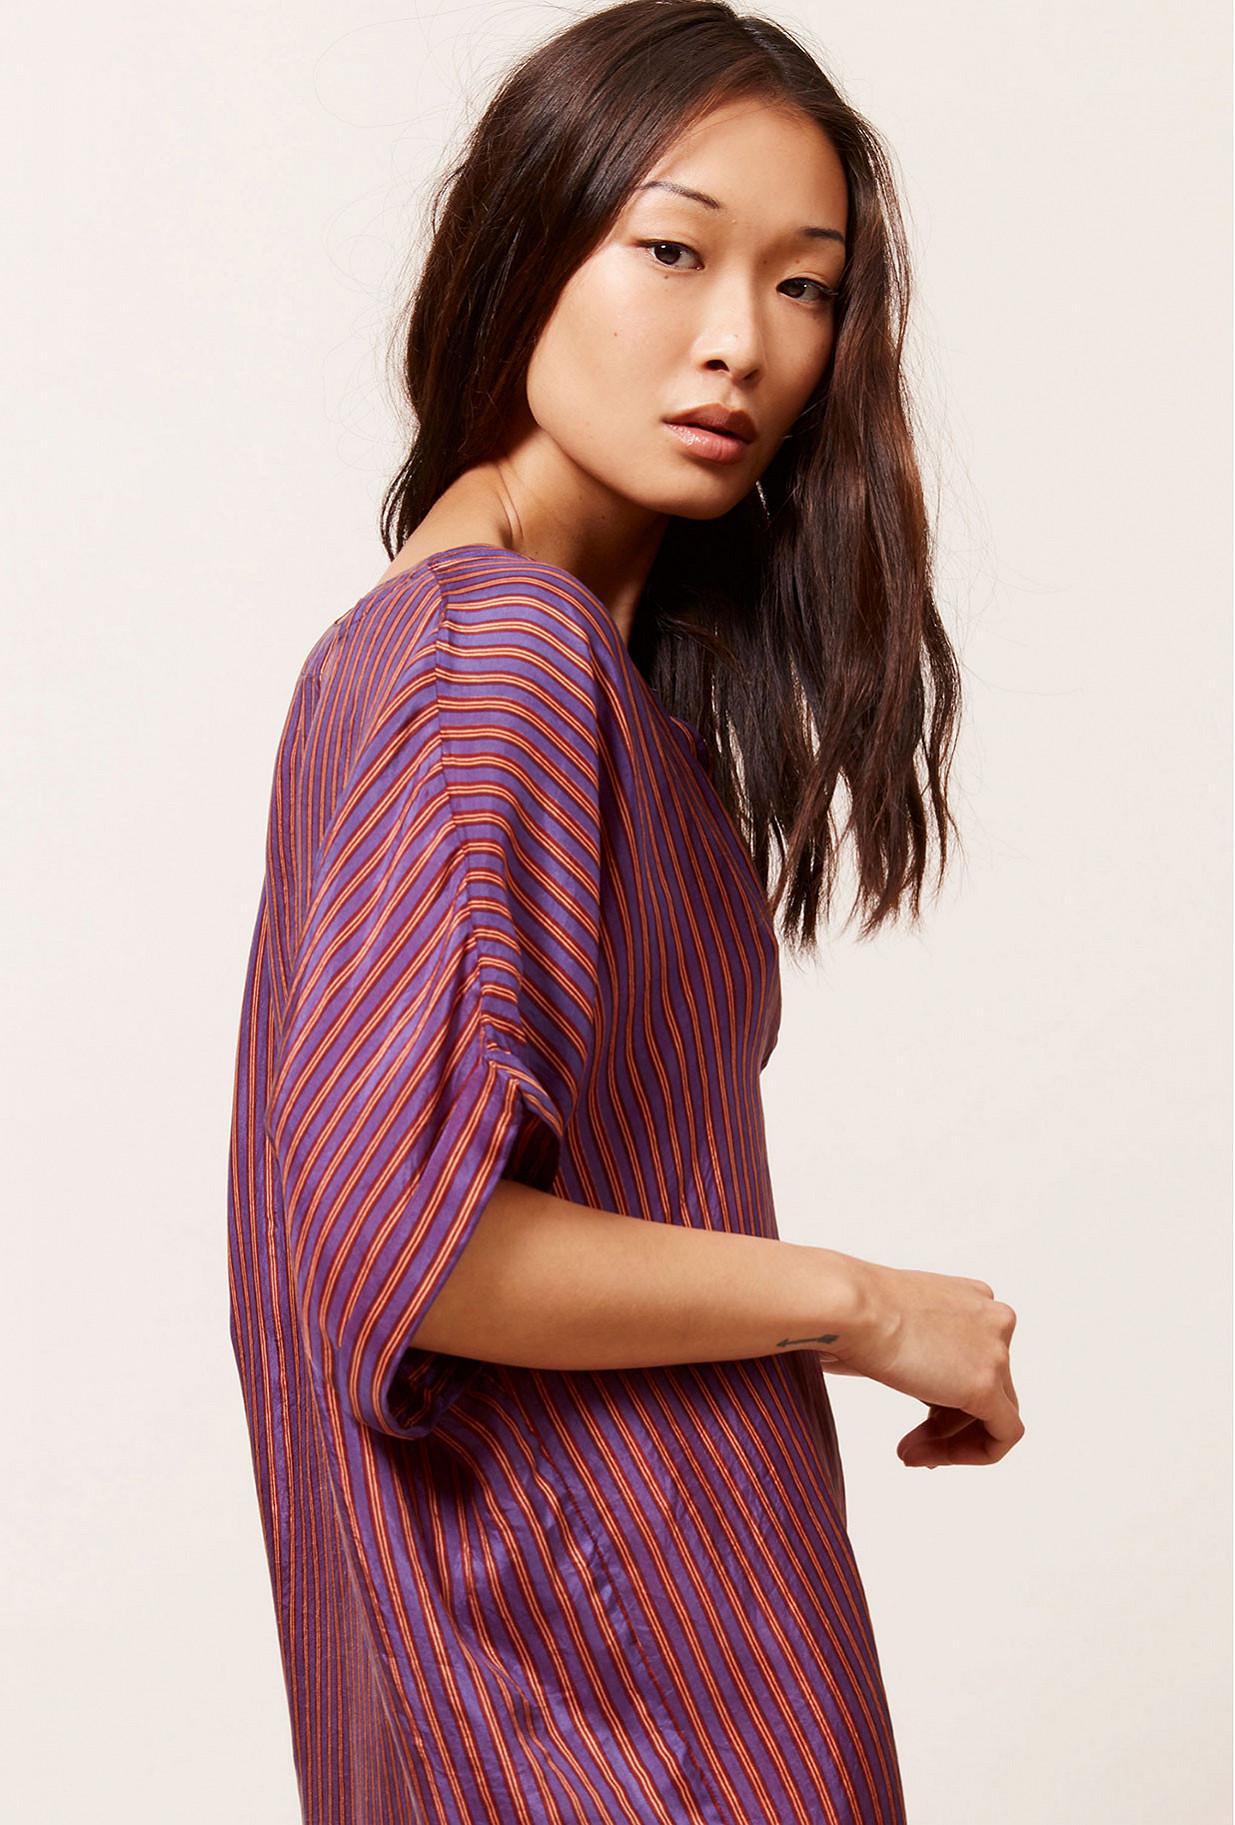 Paris clothes store Blouse  Spalding french designer fashion Paris